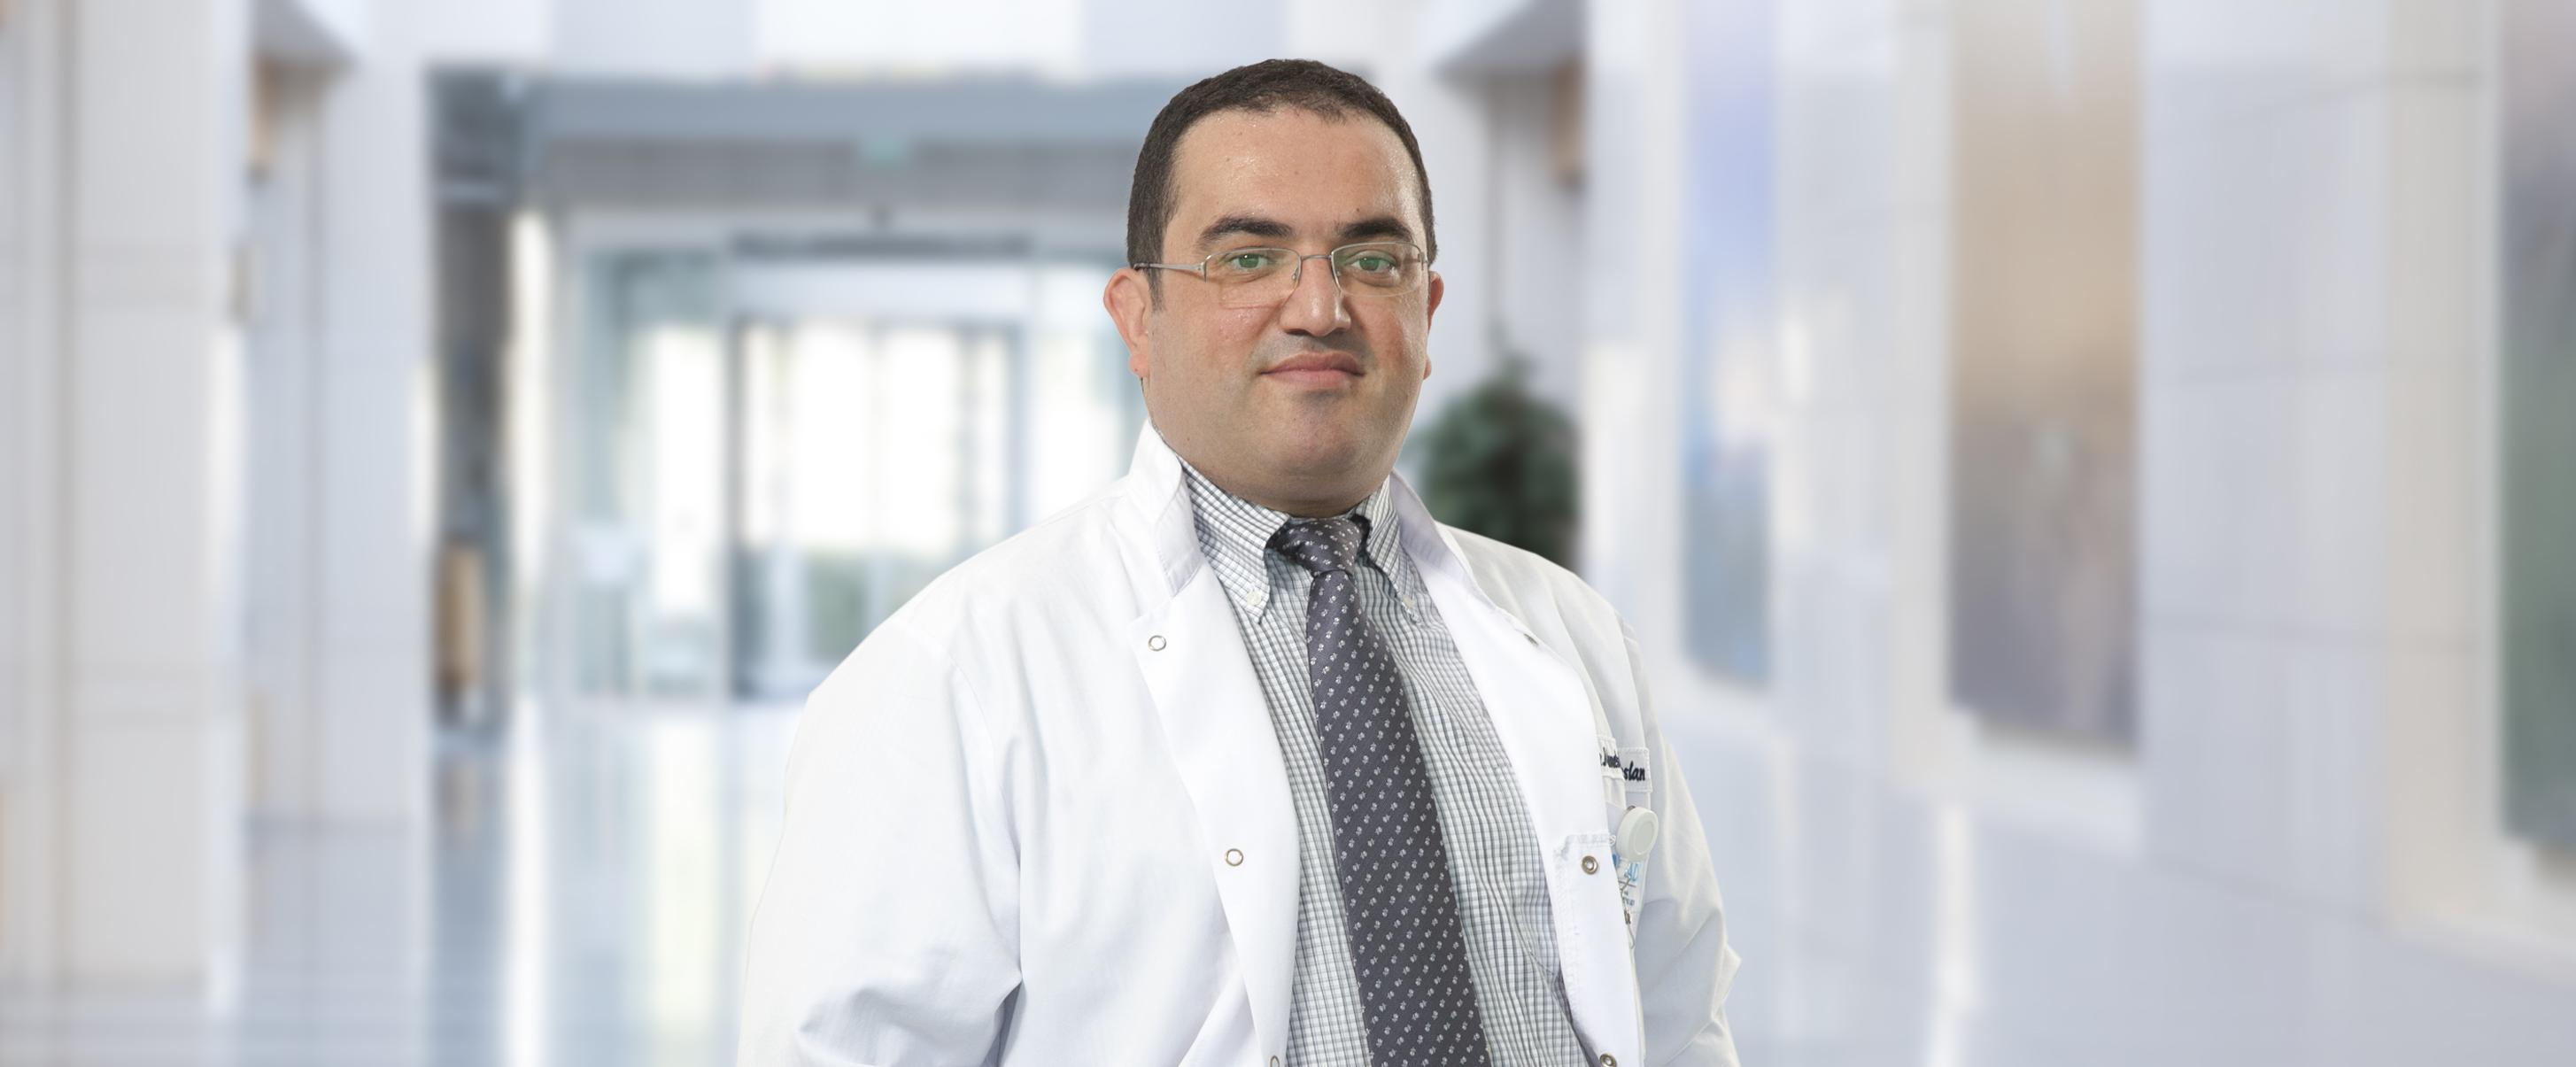 Ахмет Хулуси Арслан  — квалифицированная помощь в медицинском центре Anadolu